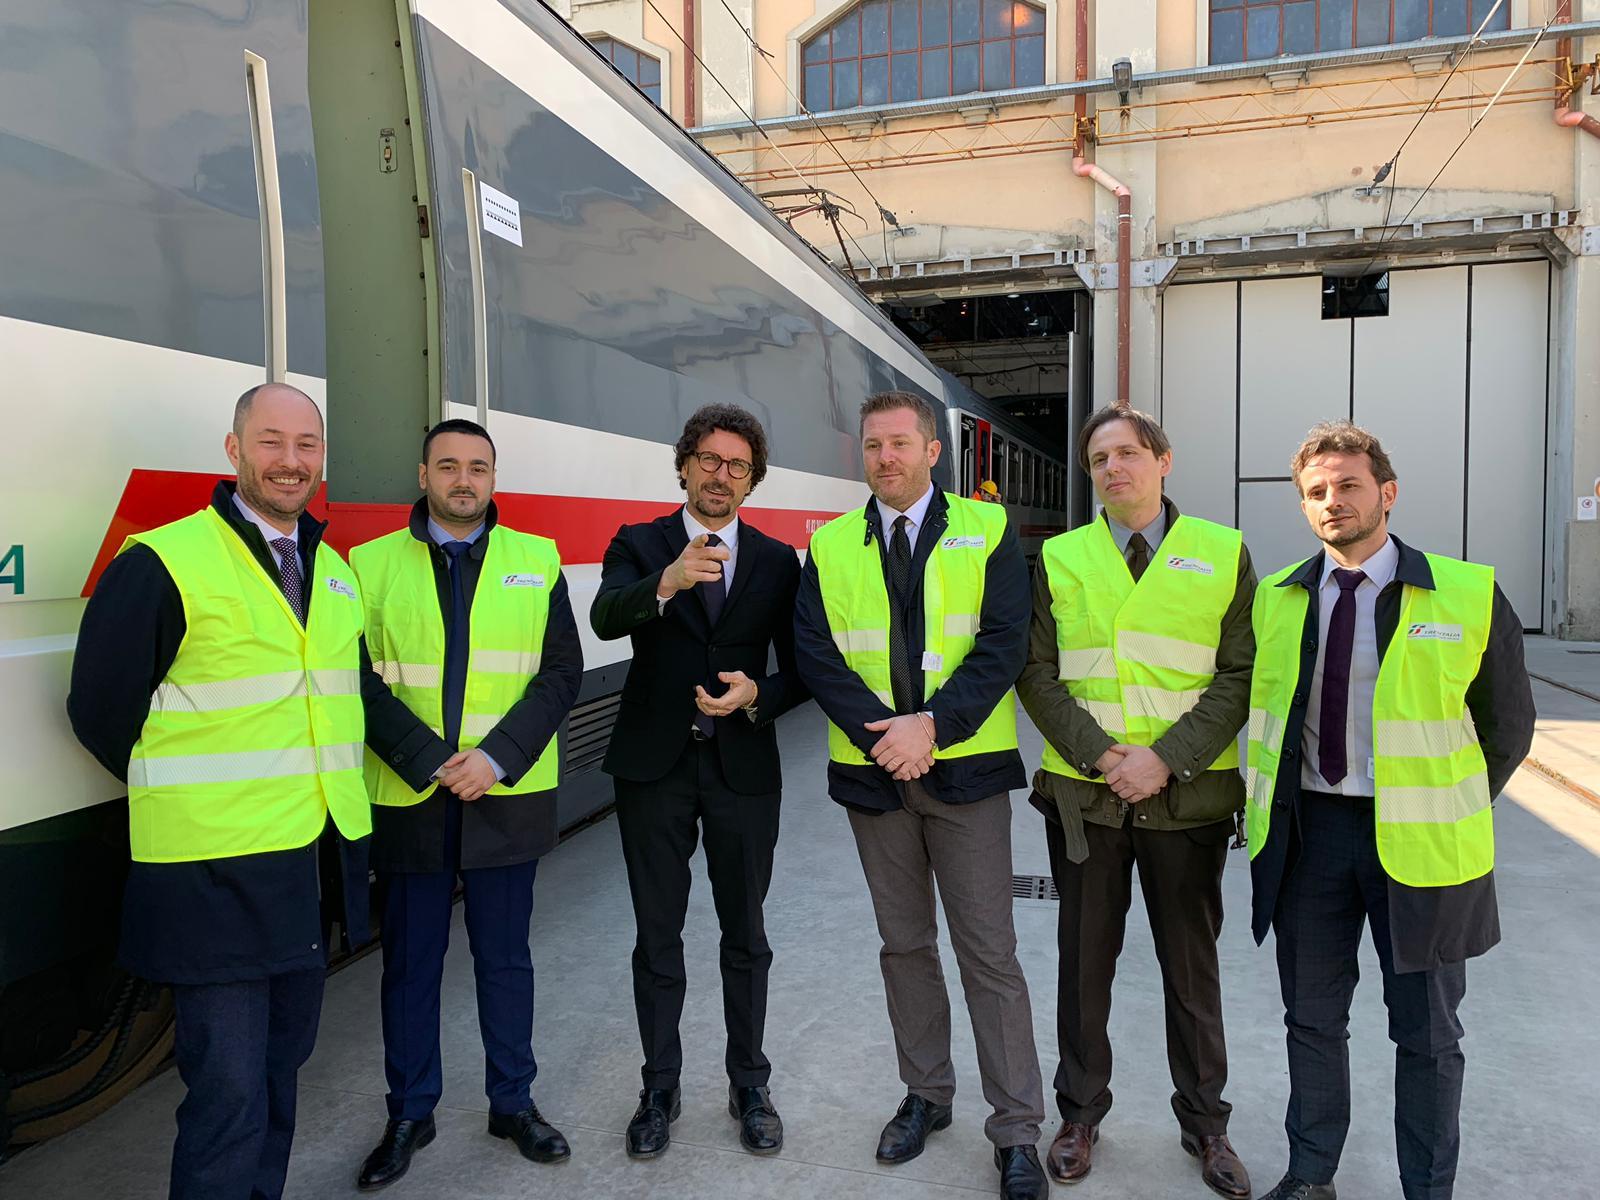 Crema News - Sopralluogo all'officina manutenzioni delle ferrovie